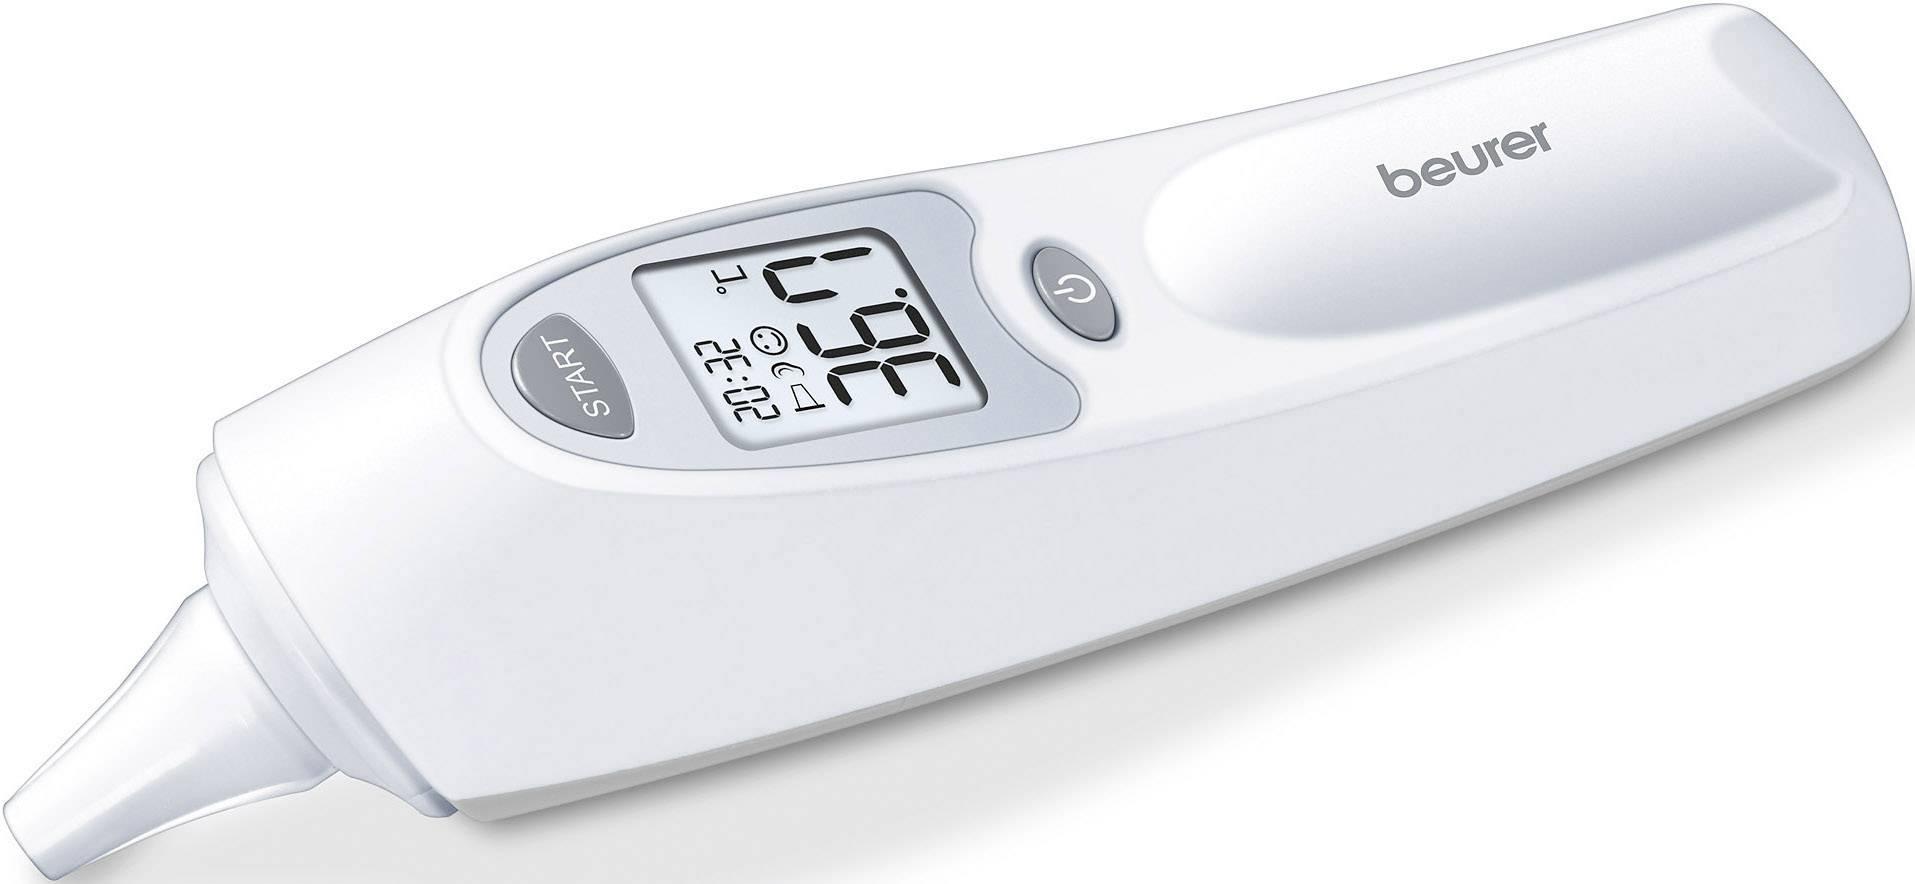 Termometro per febbre Beurer F